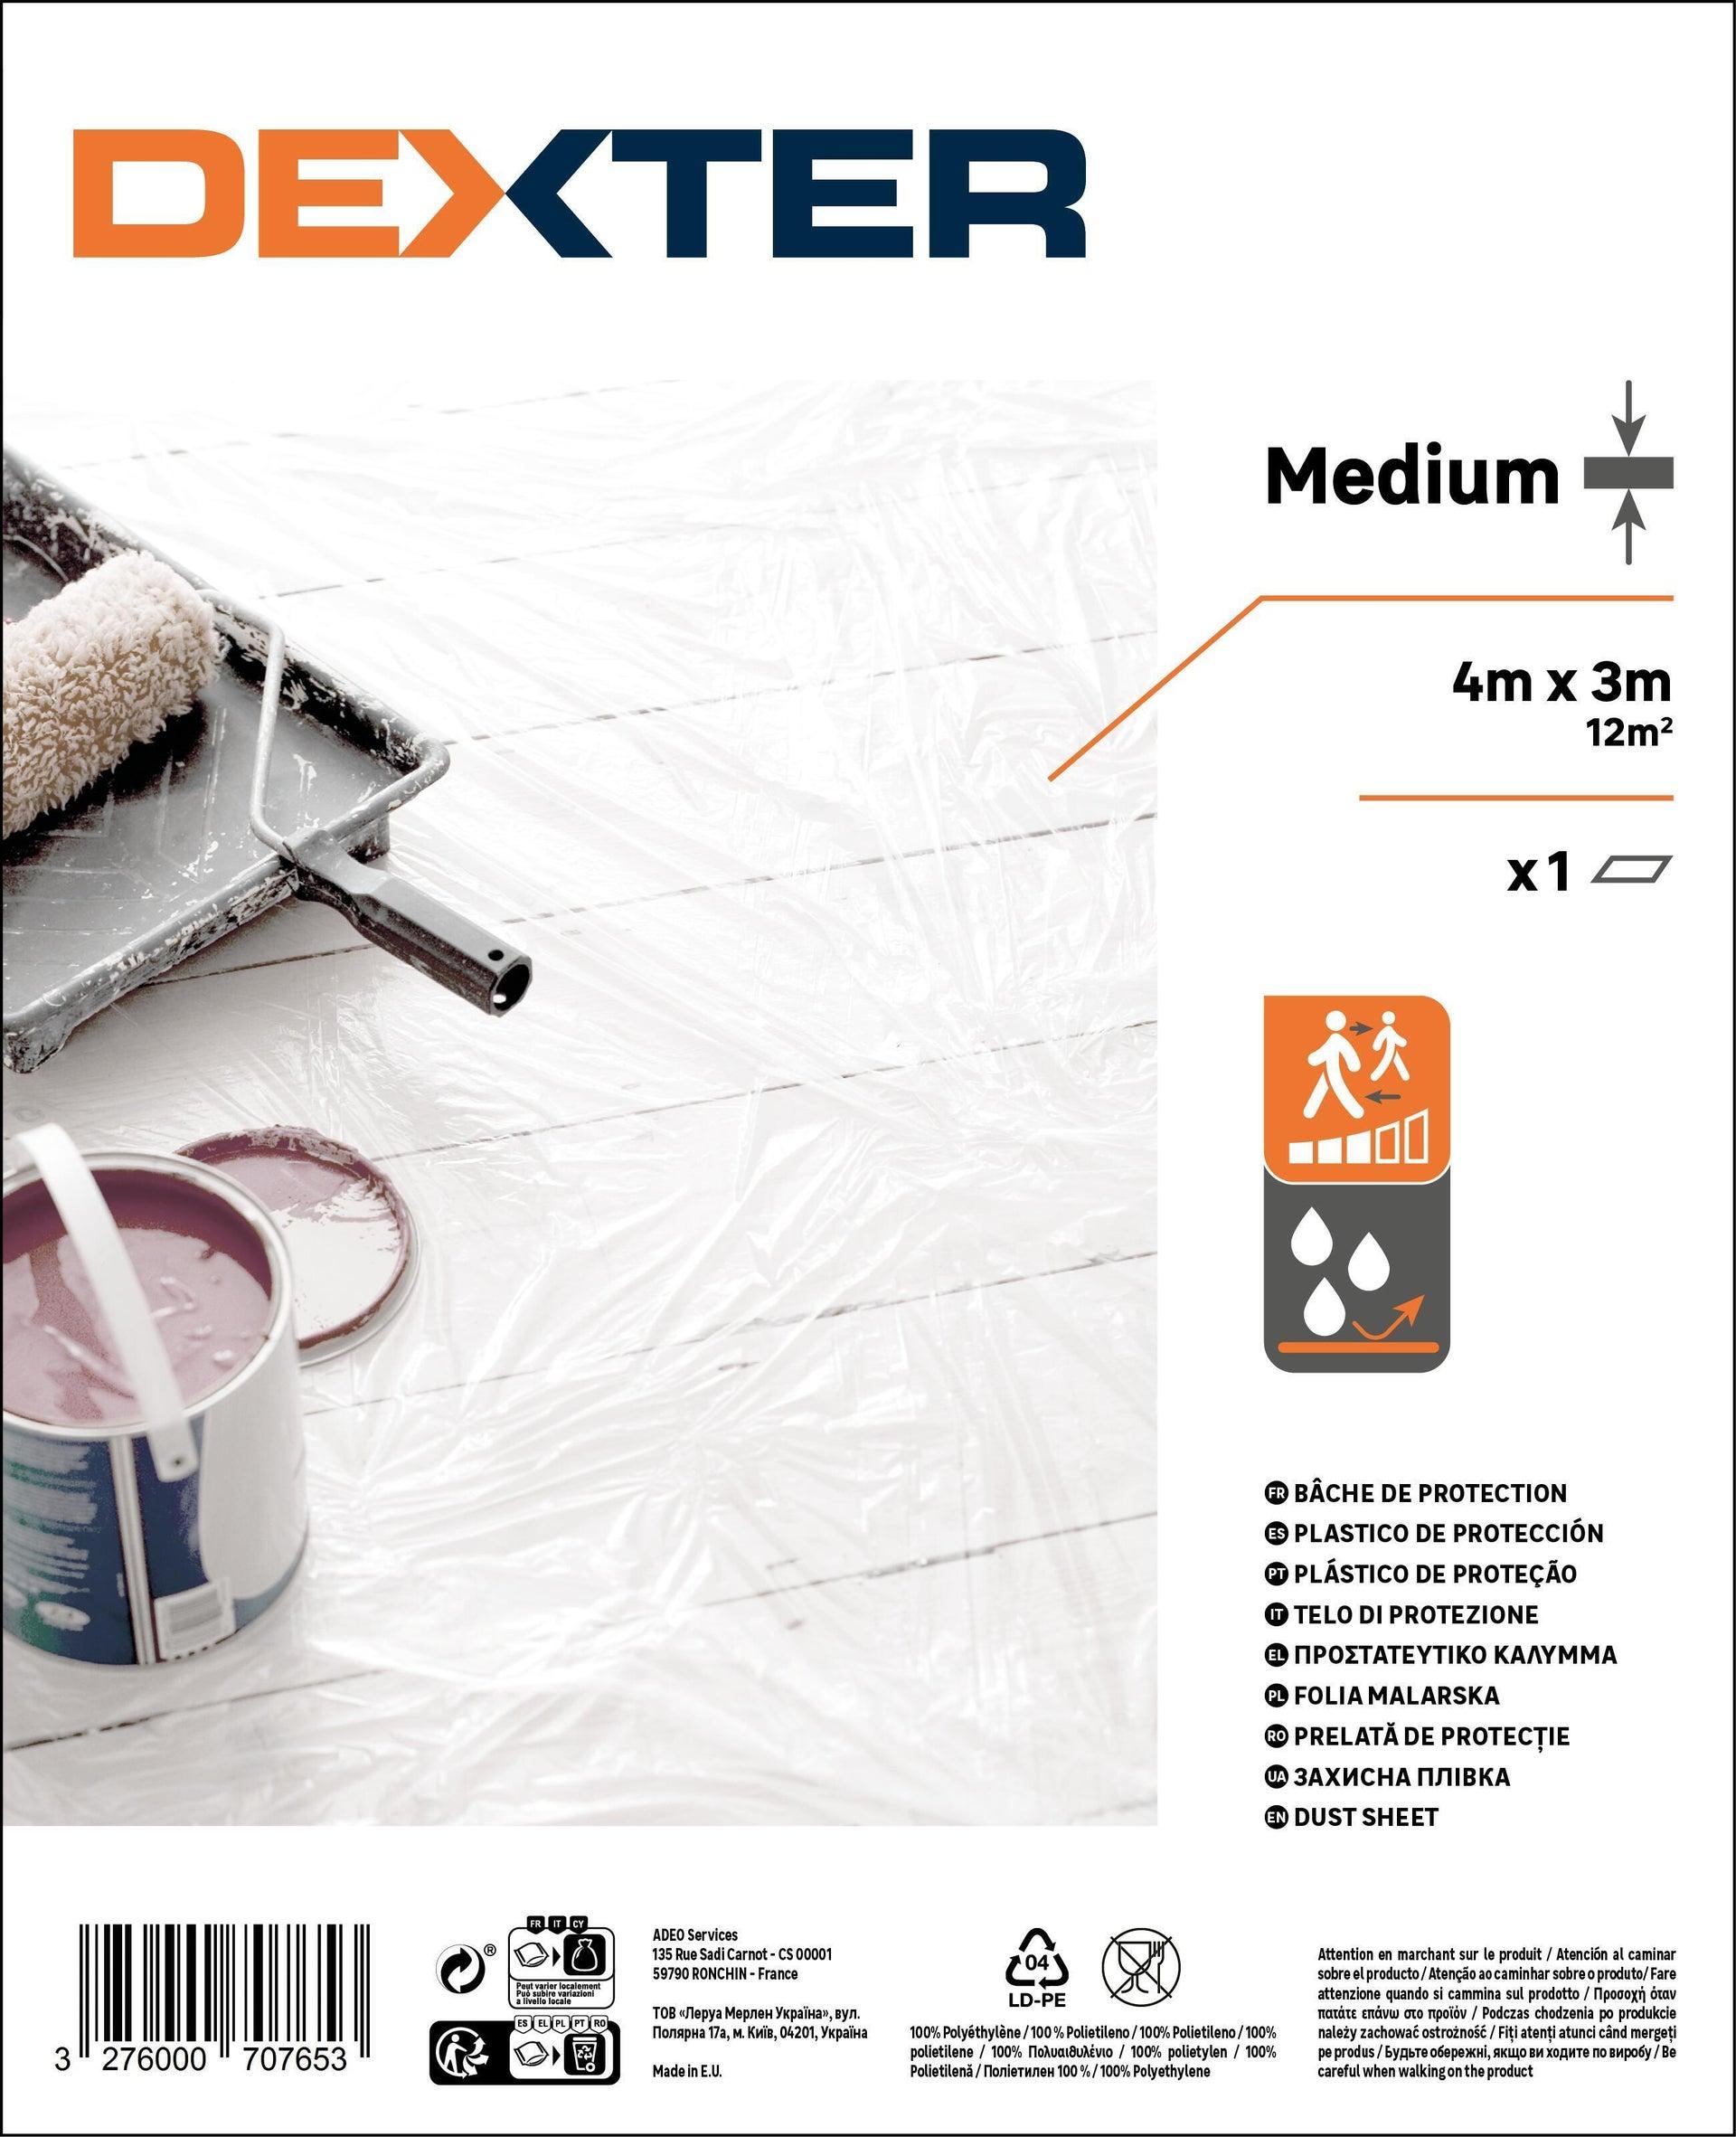 Telo di protezione DEXTER 4 X 3 m traslucido - 6